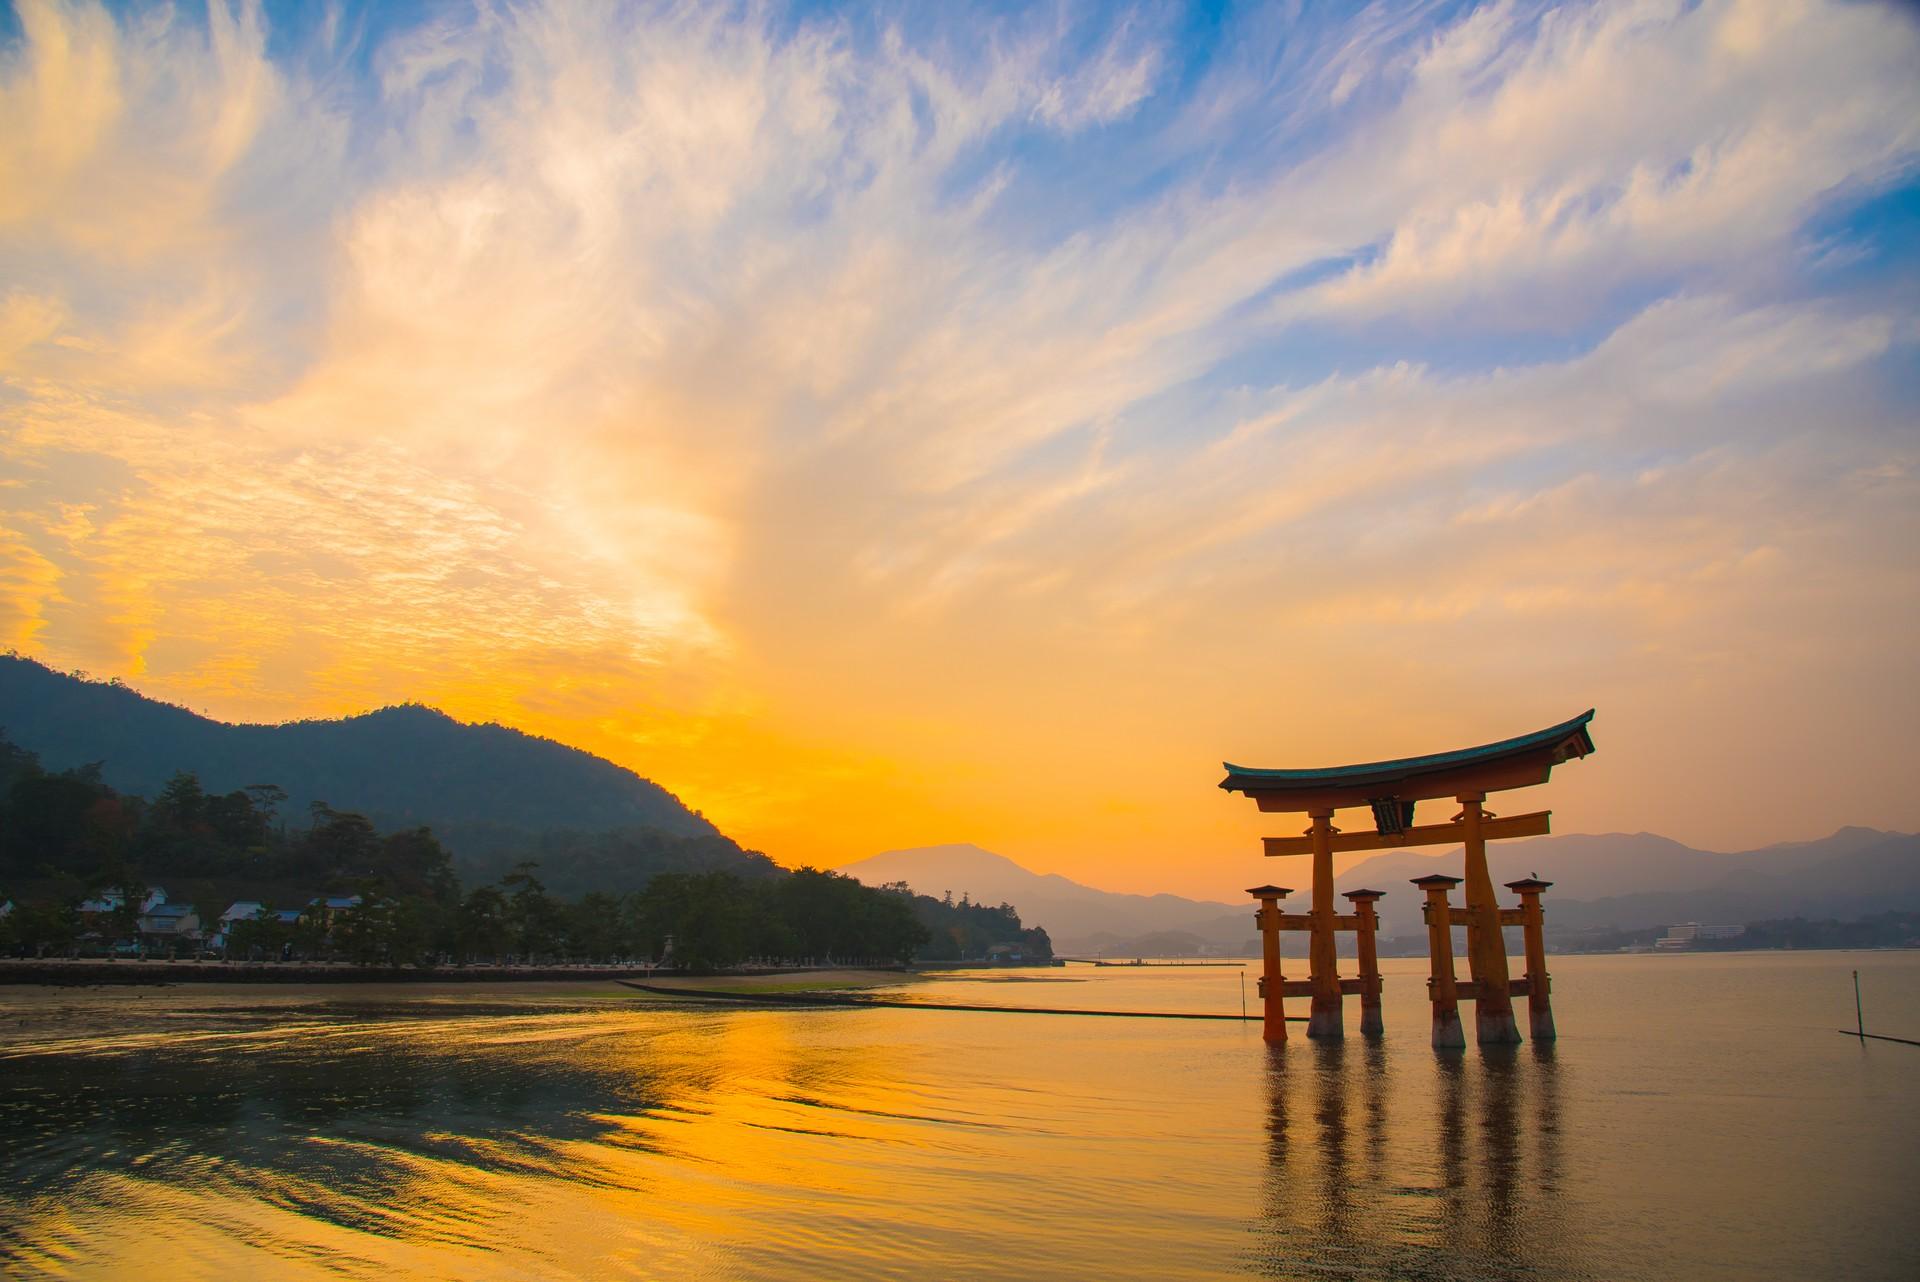 Itsukushima floating Shinto shrine near Hiroshima